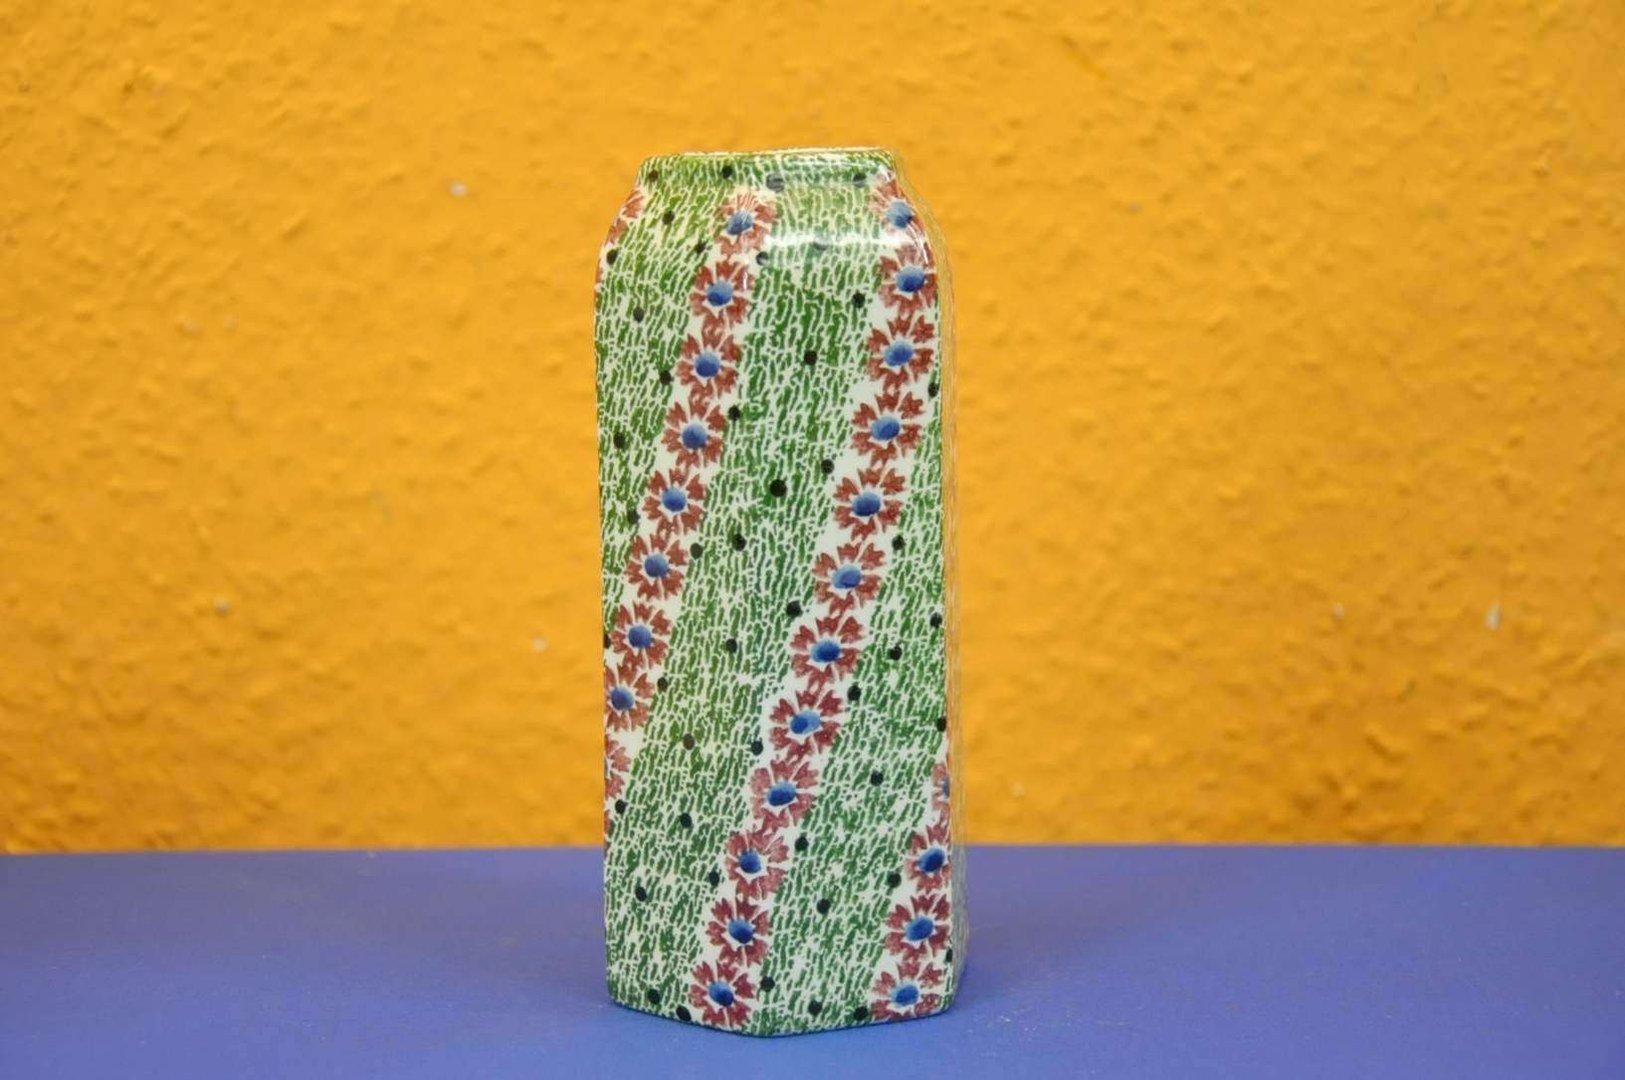 Villeroy boch ceramic vase v b wallerfangen sale at kusera villeroy boch ceramic vase v b wallerfangen reviewsmspy